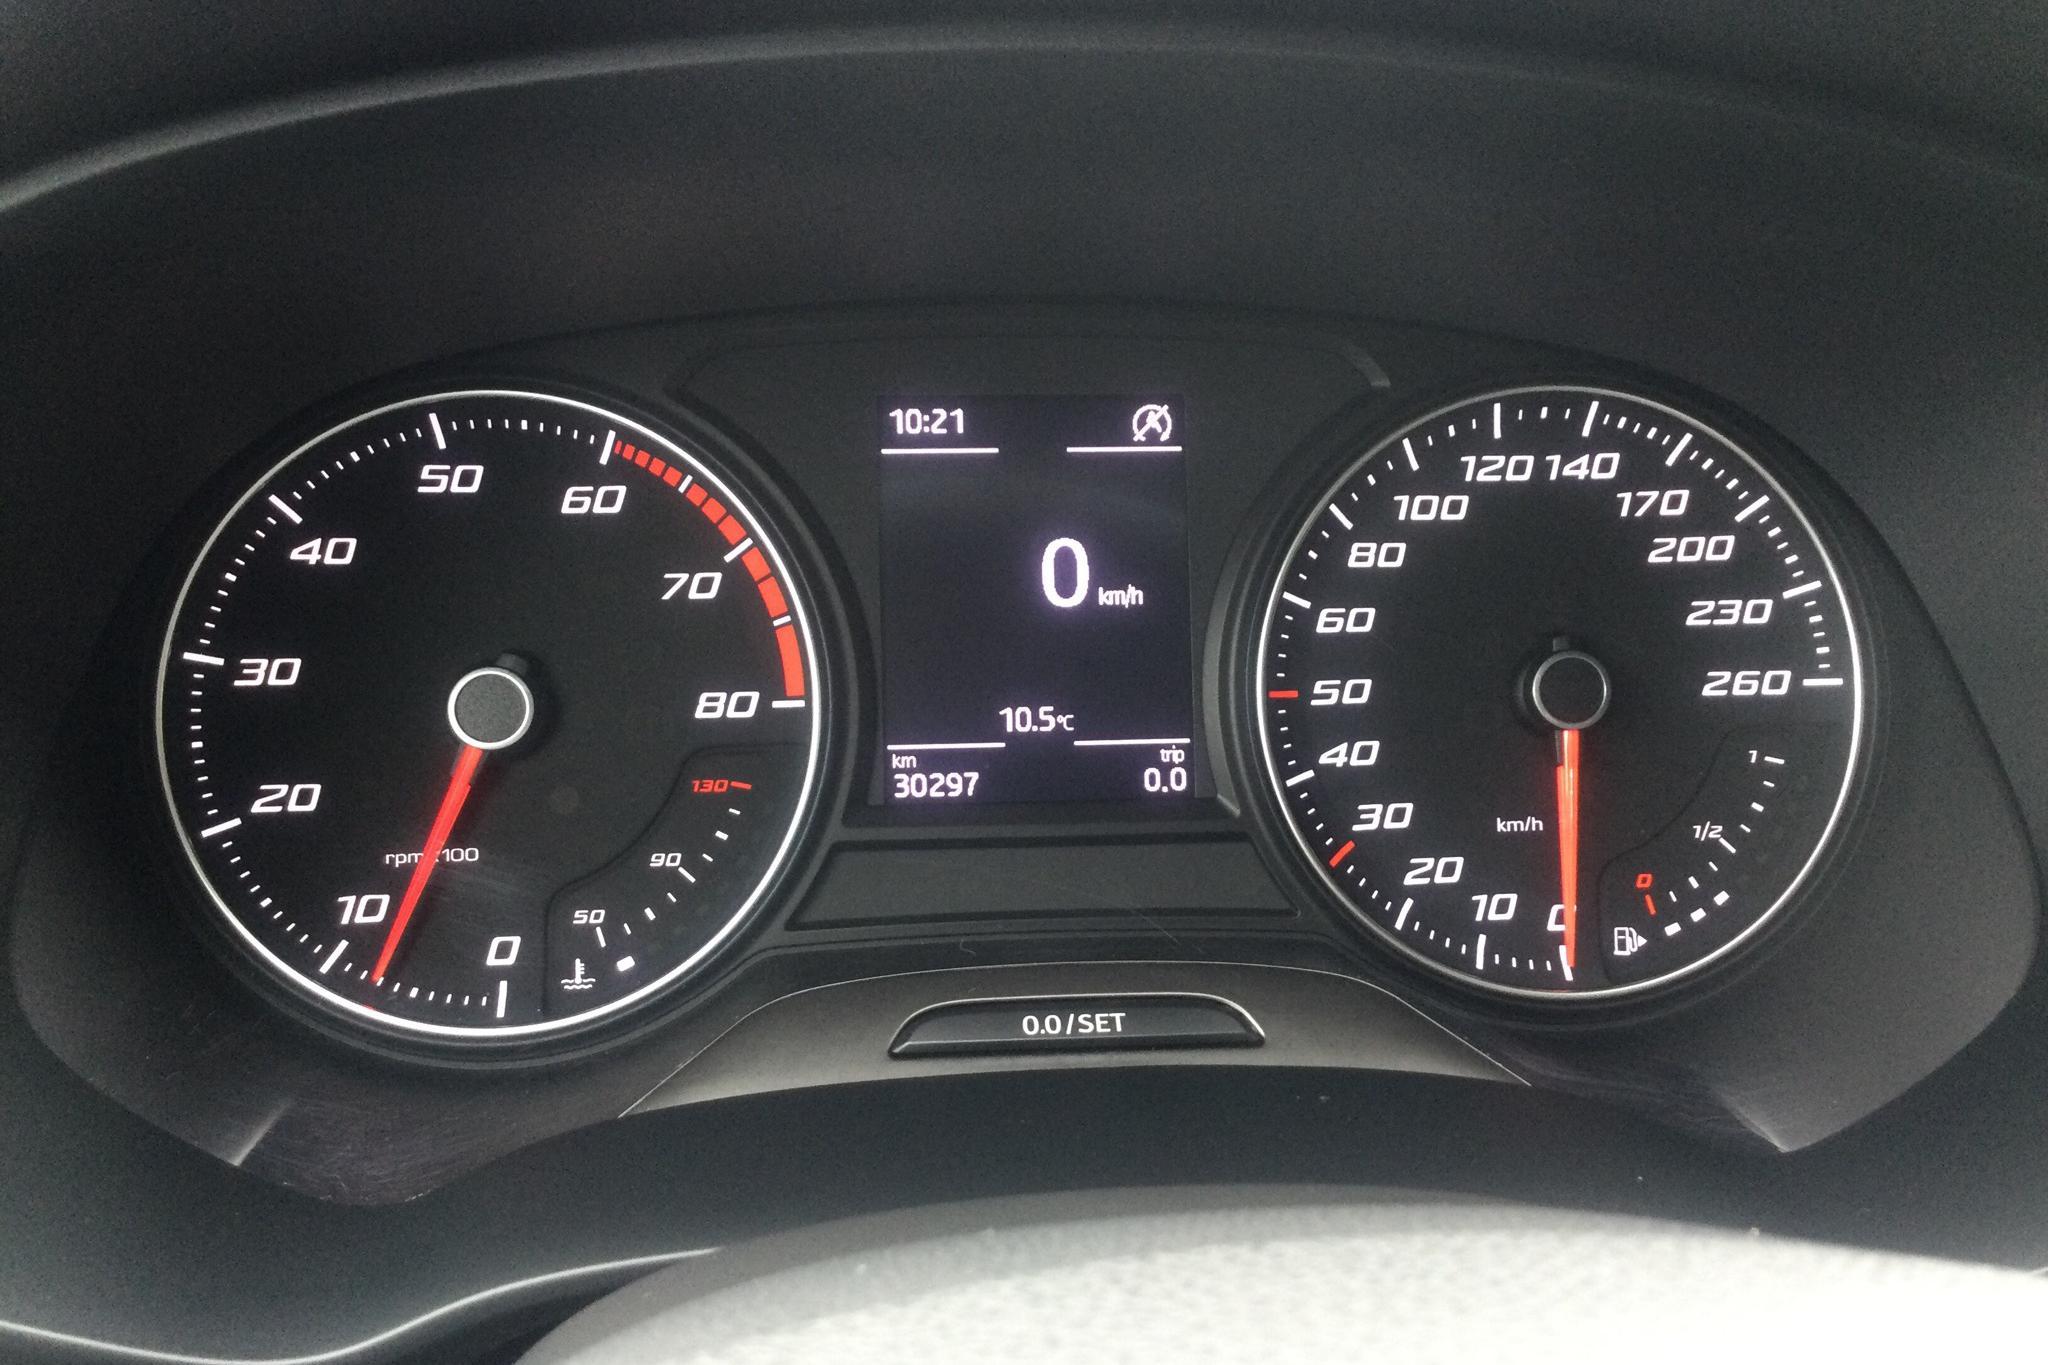 Seat Leon 1.2 TSI 5dr (110hk) - 30 290 km - Manual - black - 2017